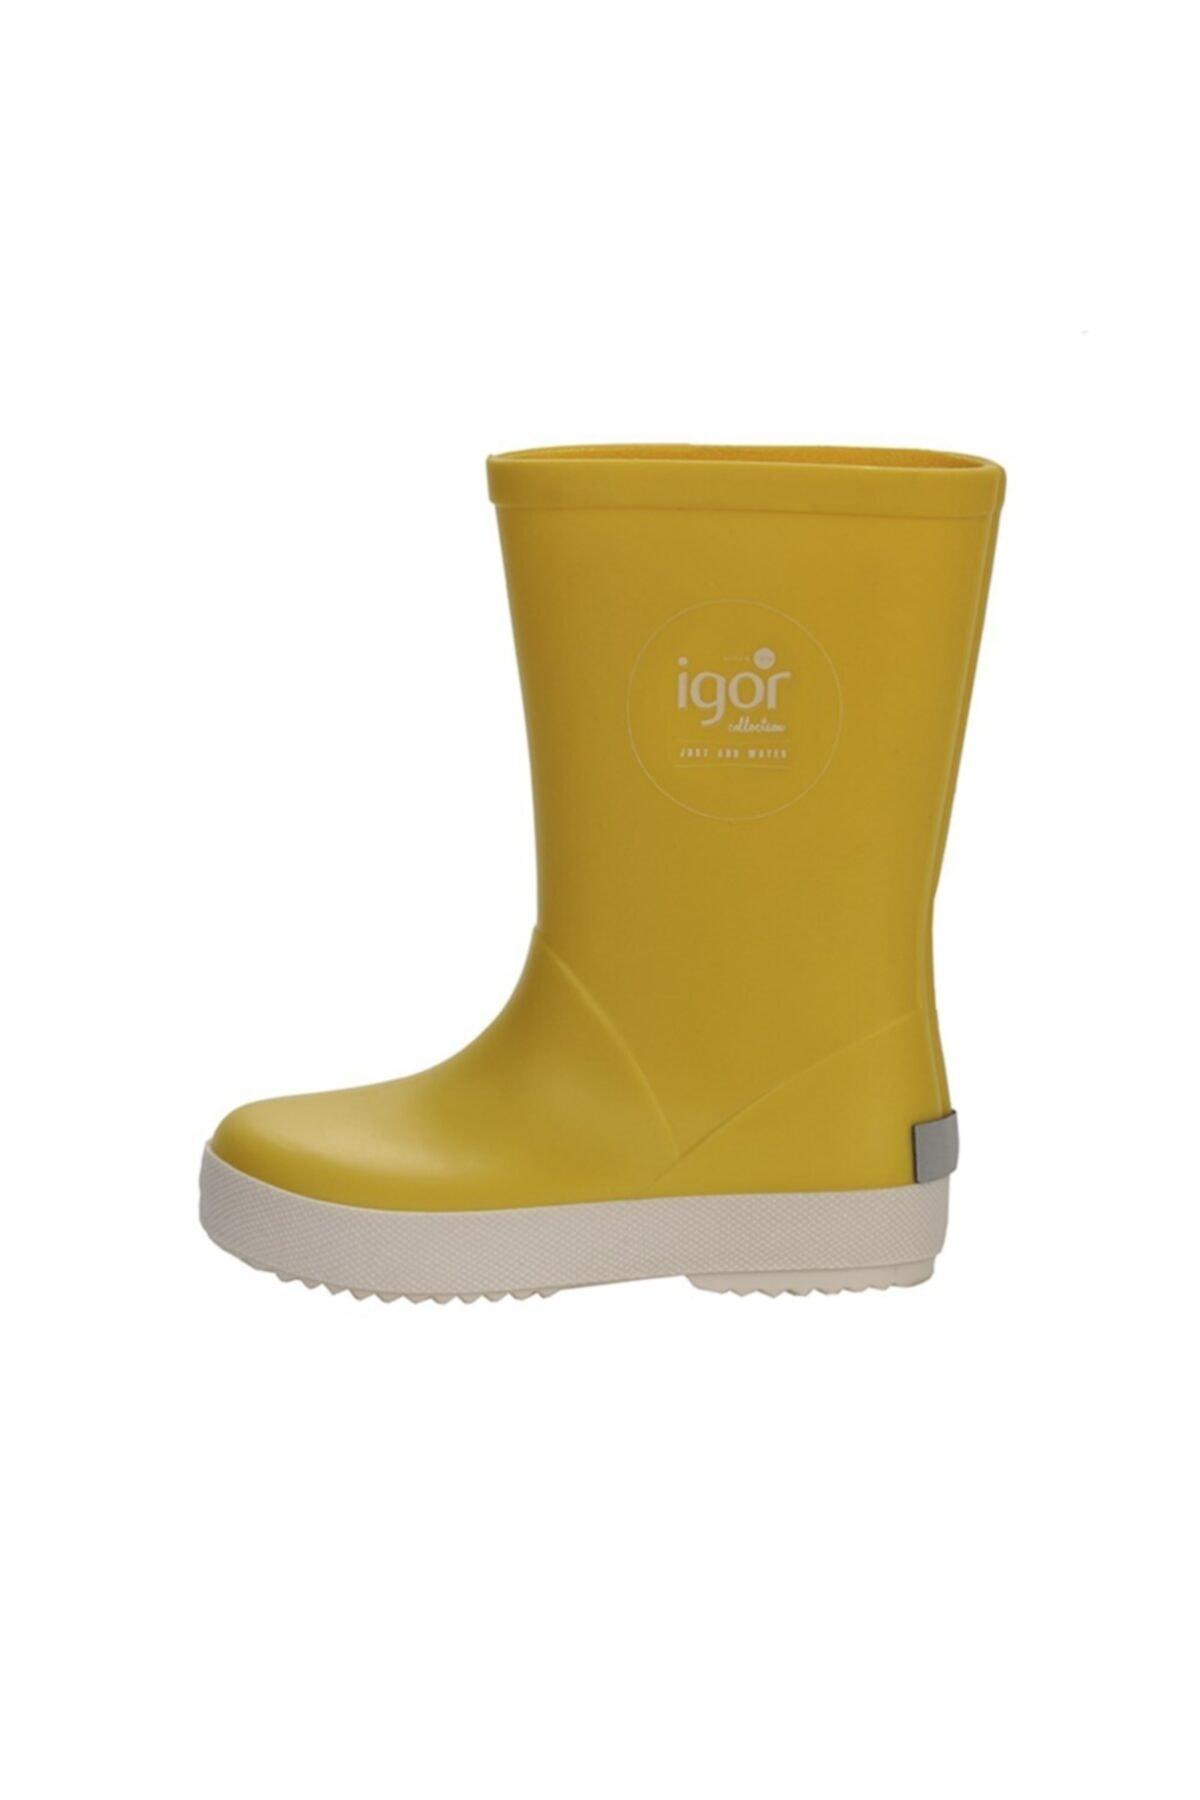 IGOR Splash Nautico Yağmur Çizmesi W10107-ıgr008 1